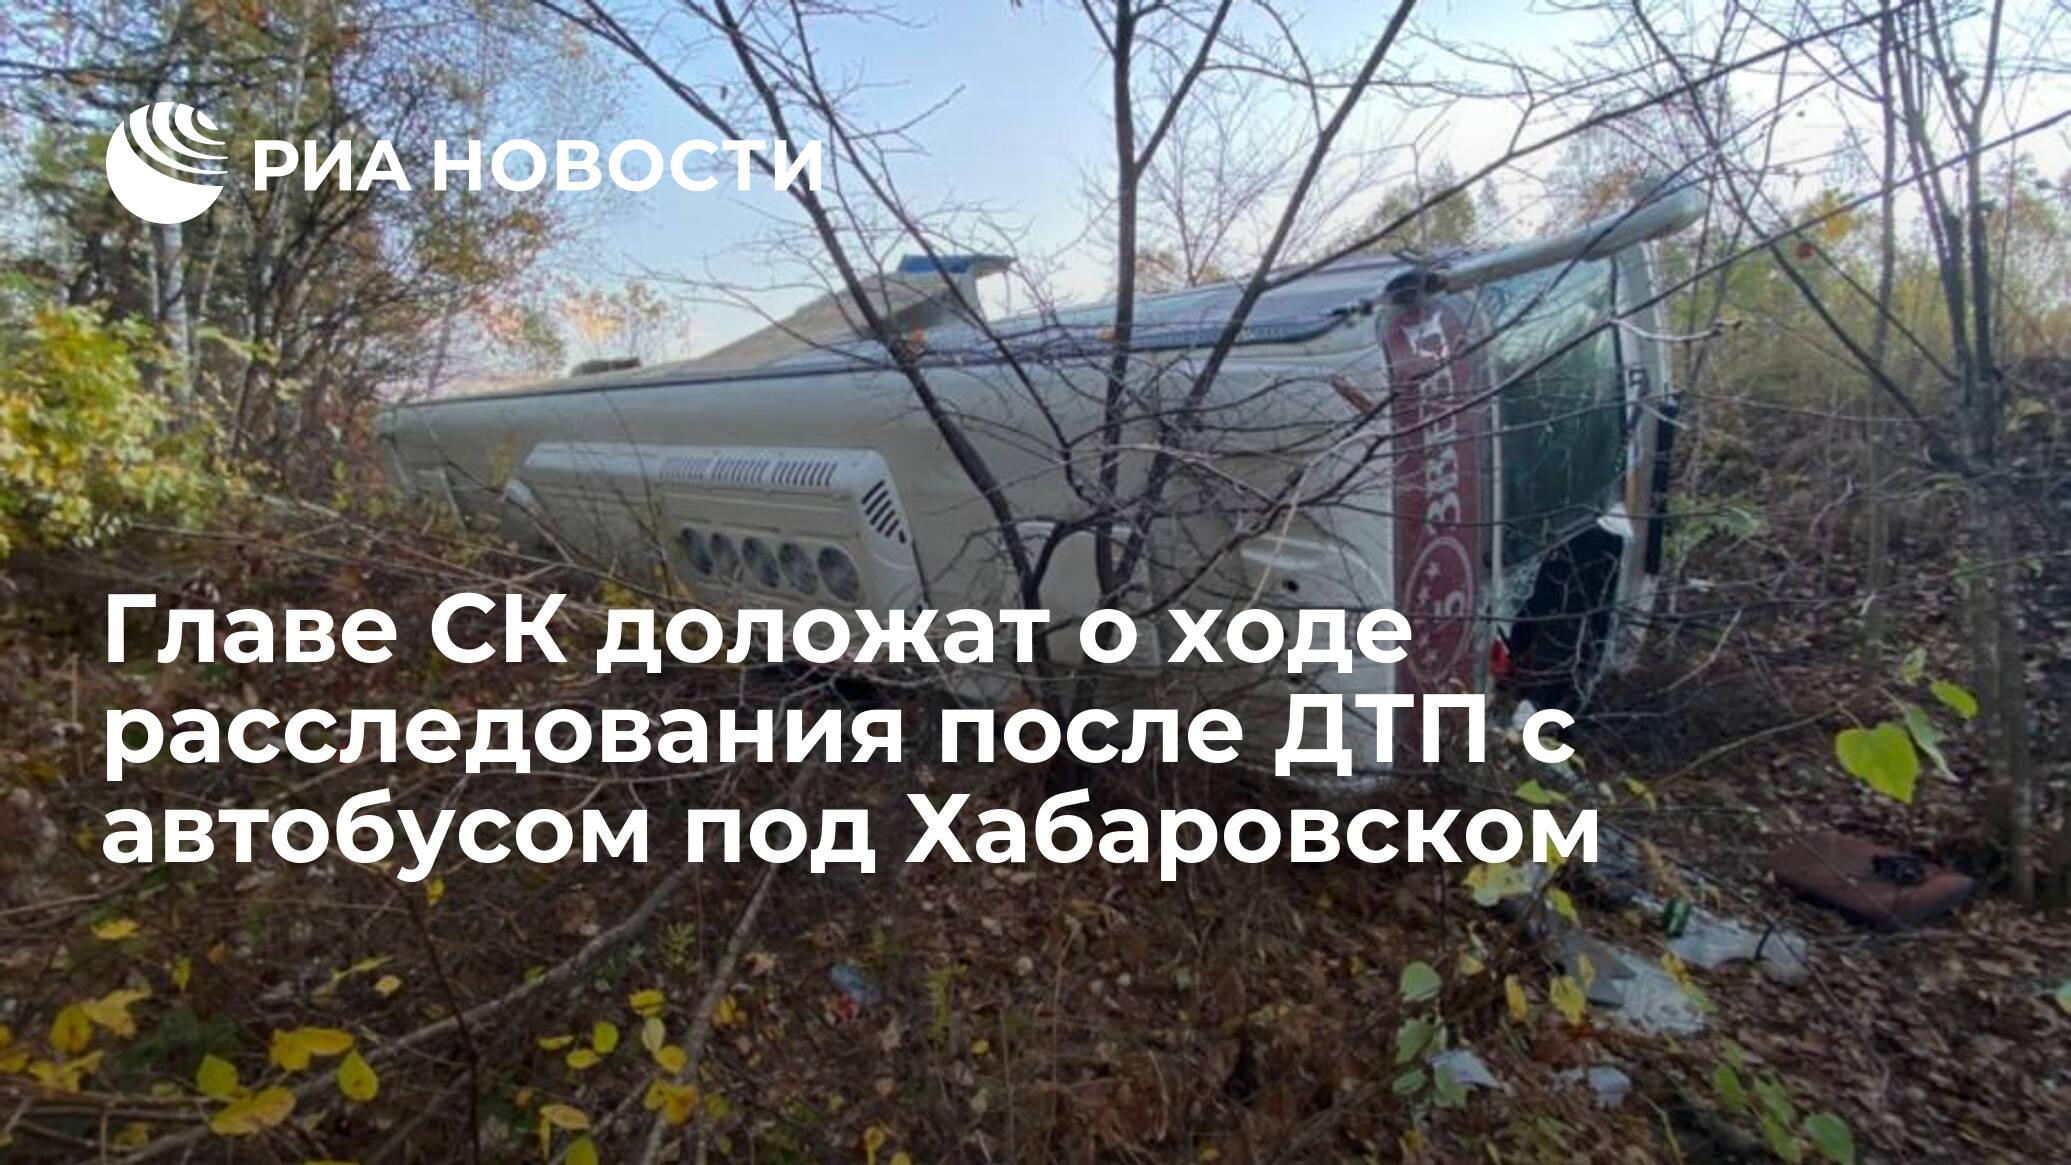 Главе СК доложат о ходе расследования после ДТП с автобусом под Хабаровском